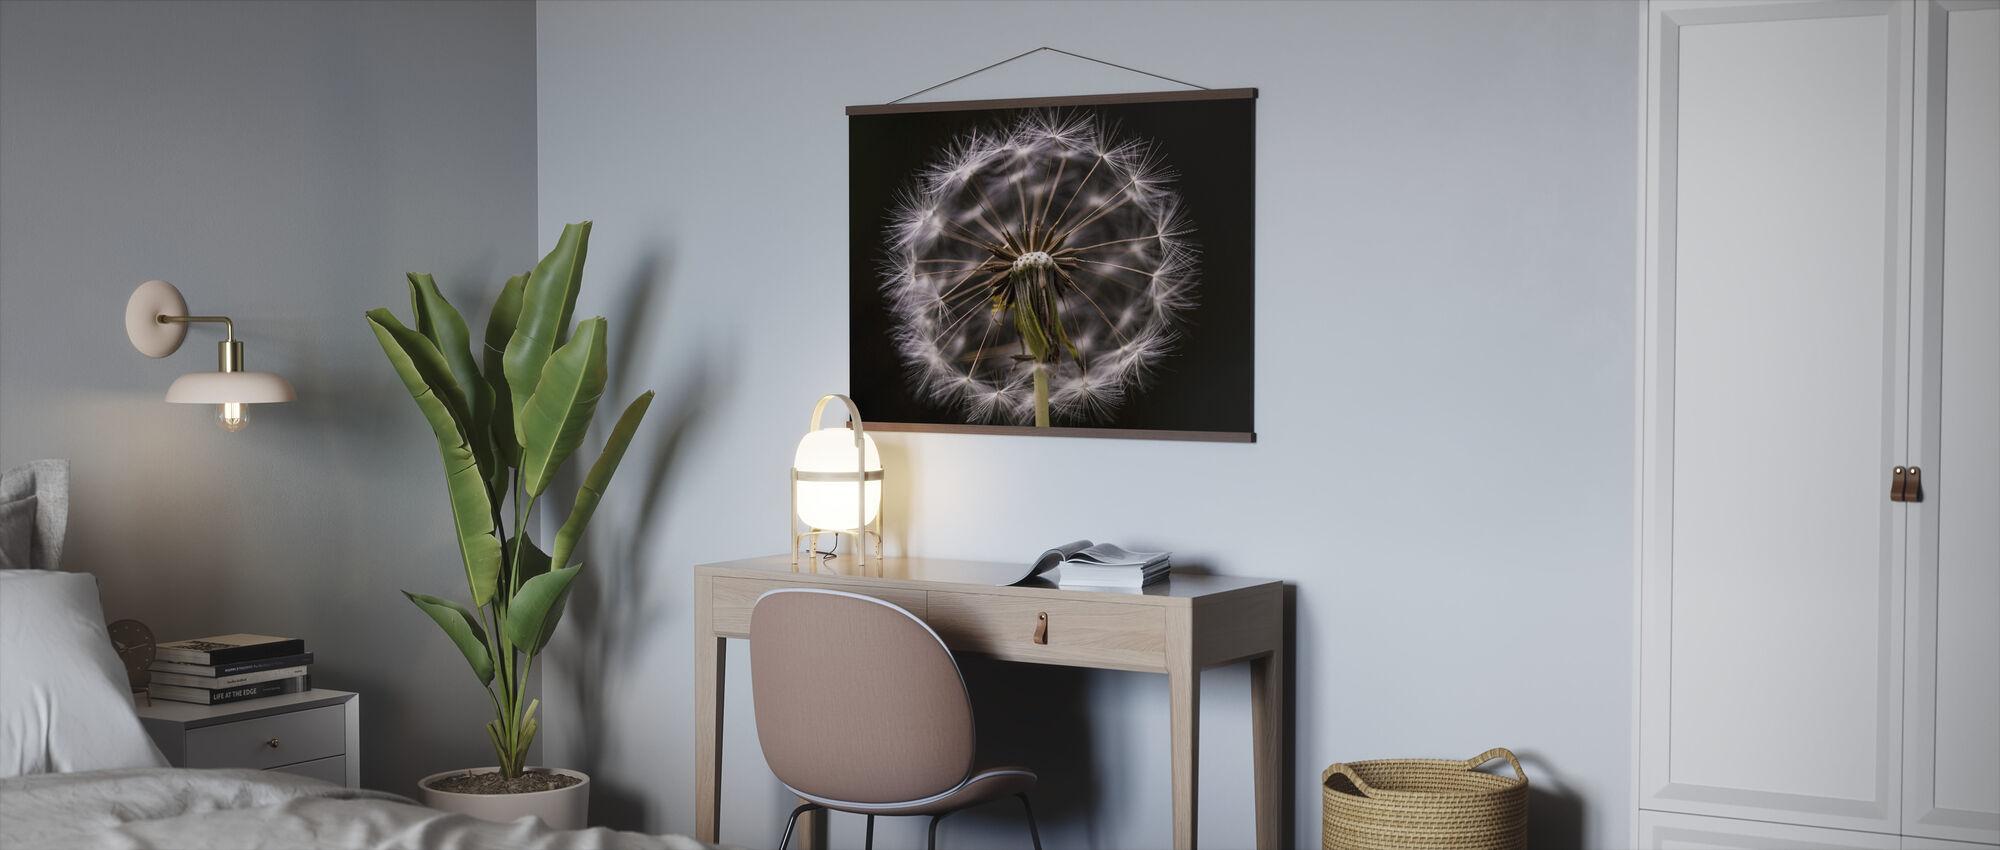 Freaky blomma - Poster - Kontor